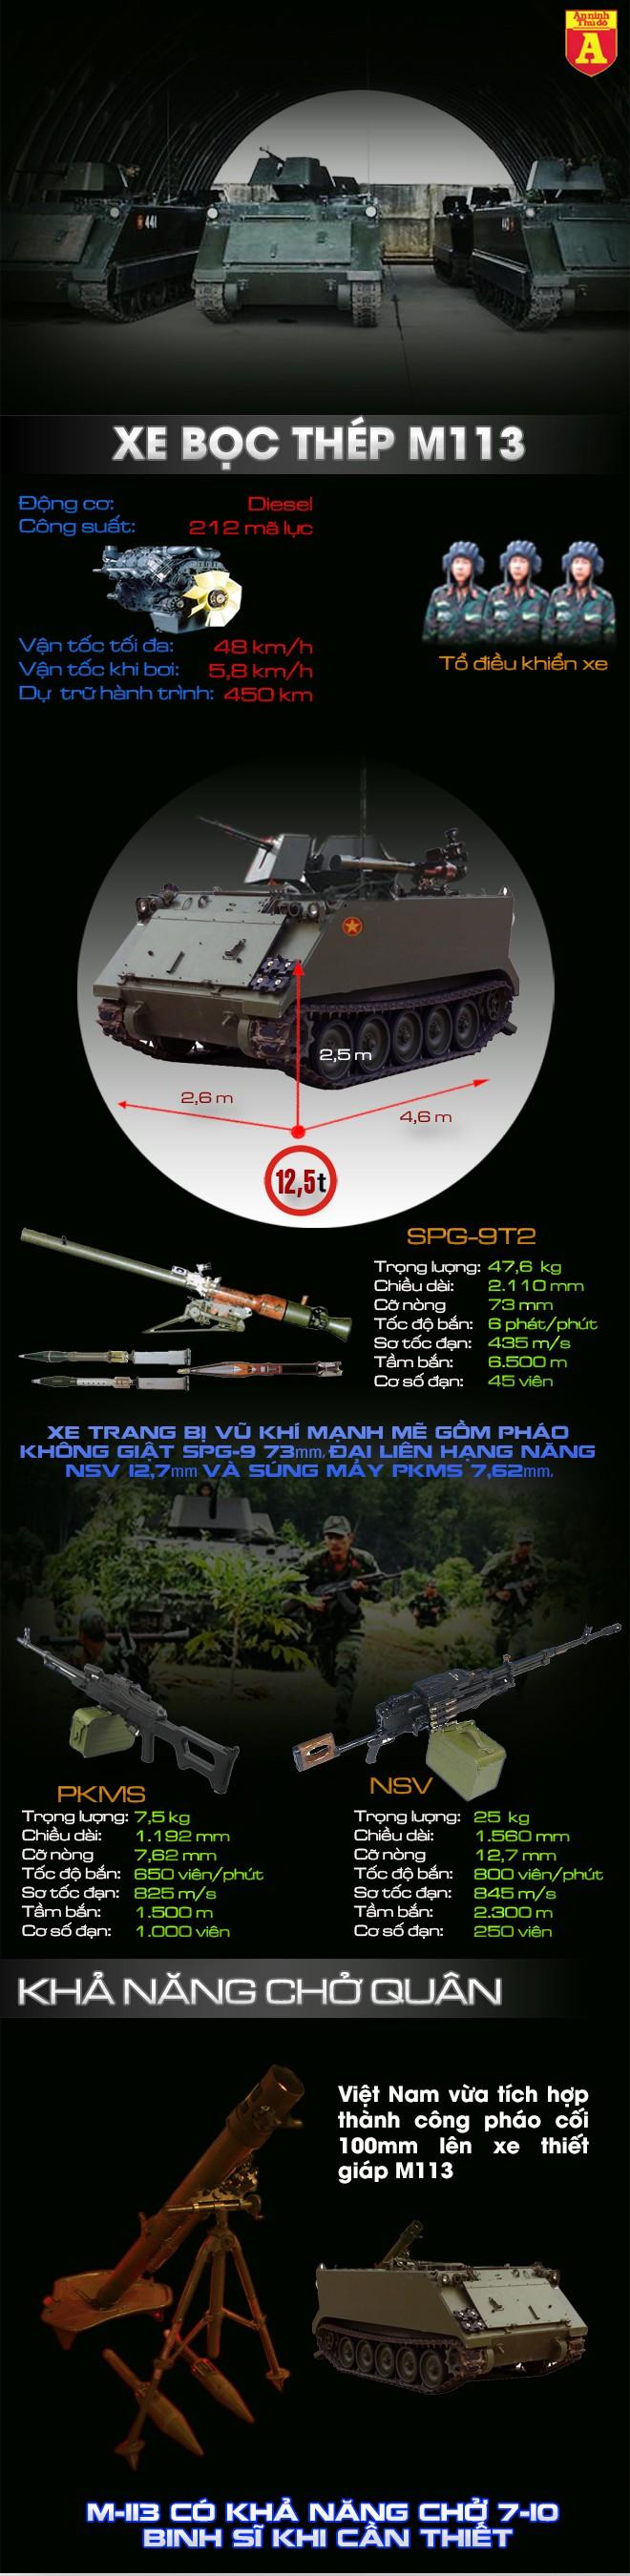 [Infographic] Việt Nam tích hợp cối 100mm lên xe thiết giáp tương tự như Mỹ ảnh 2